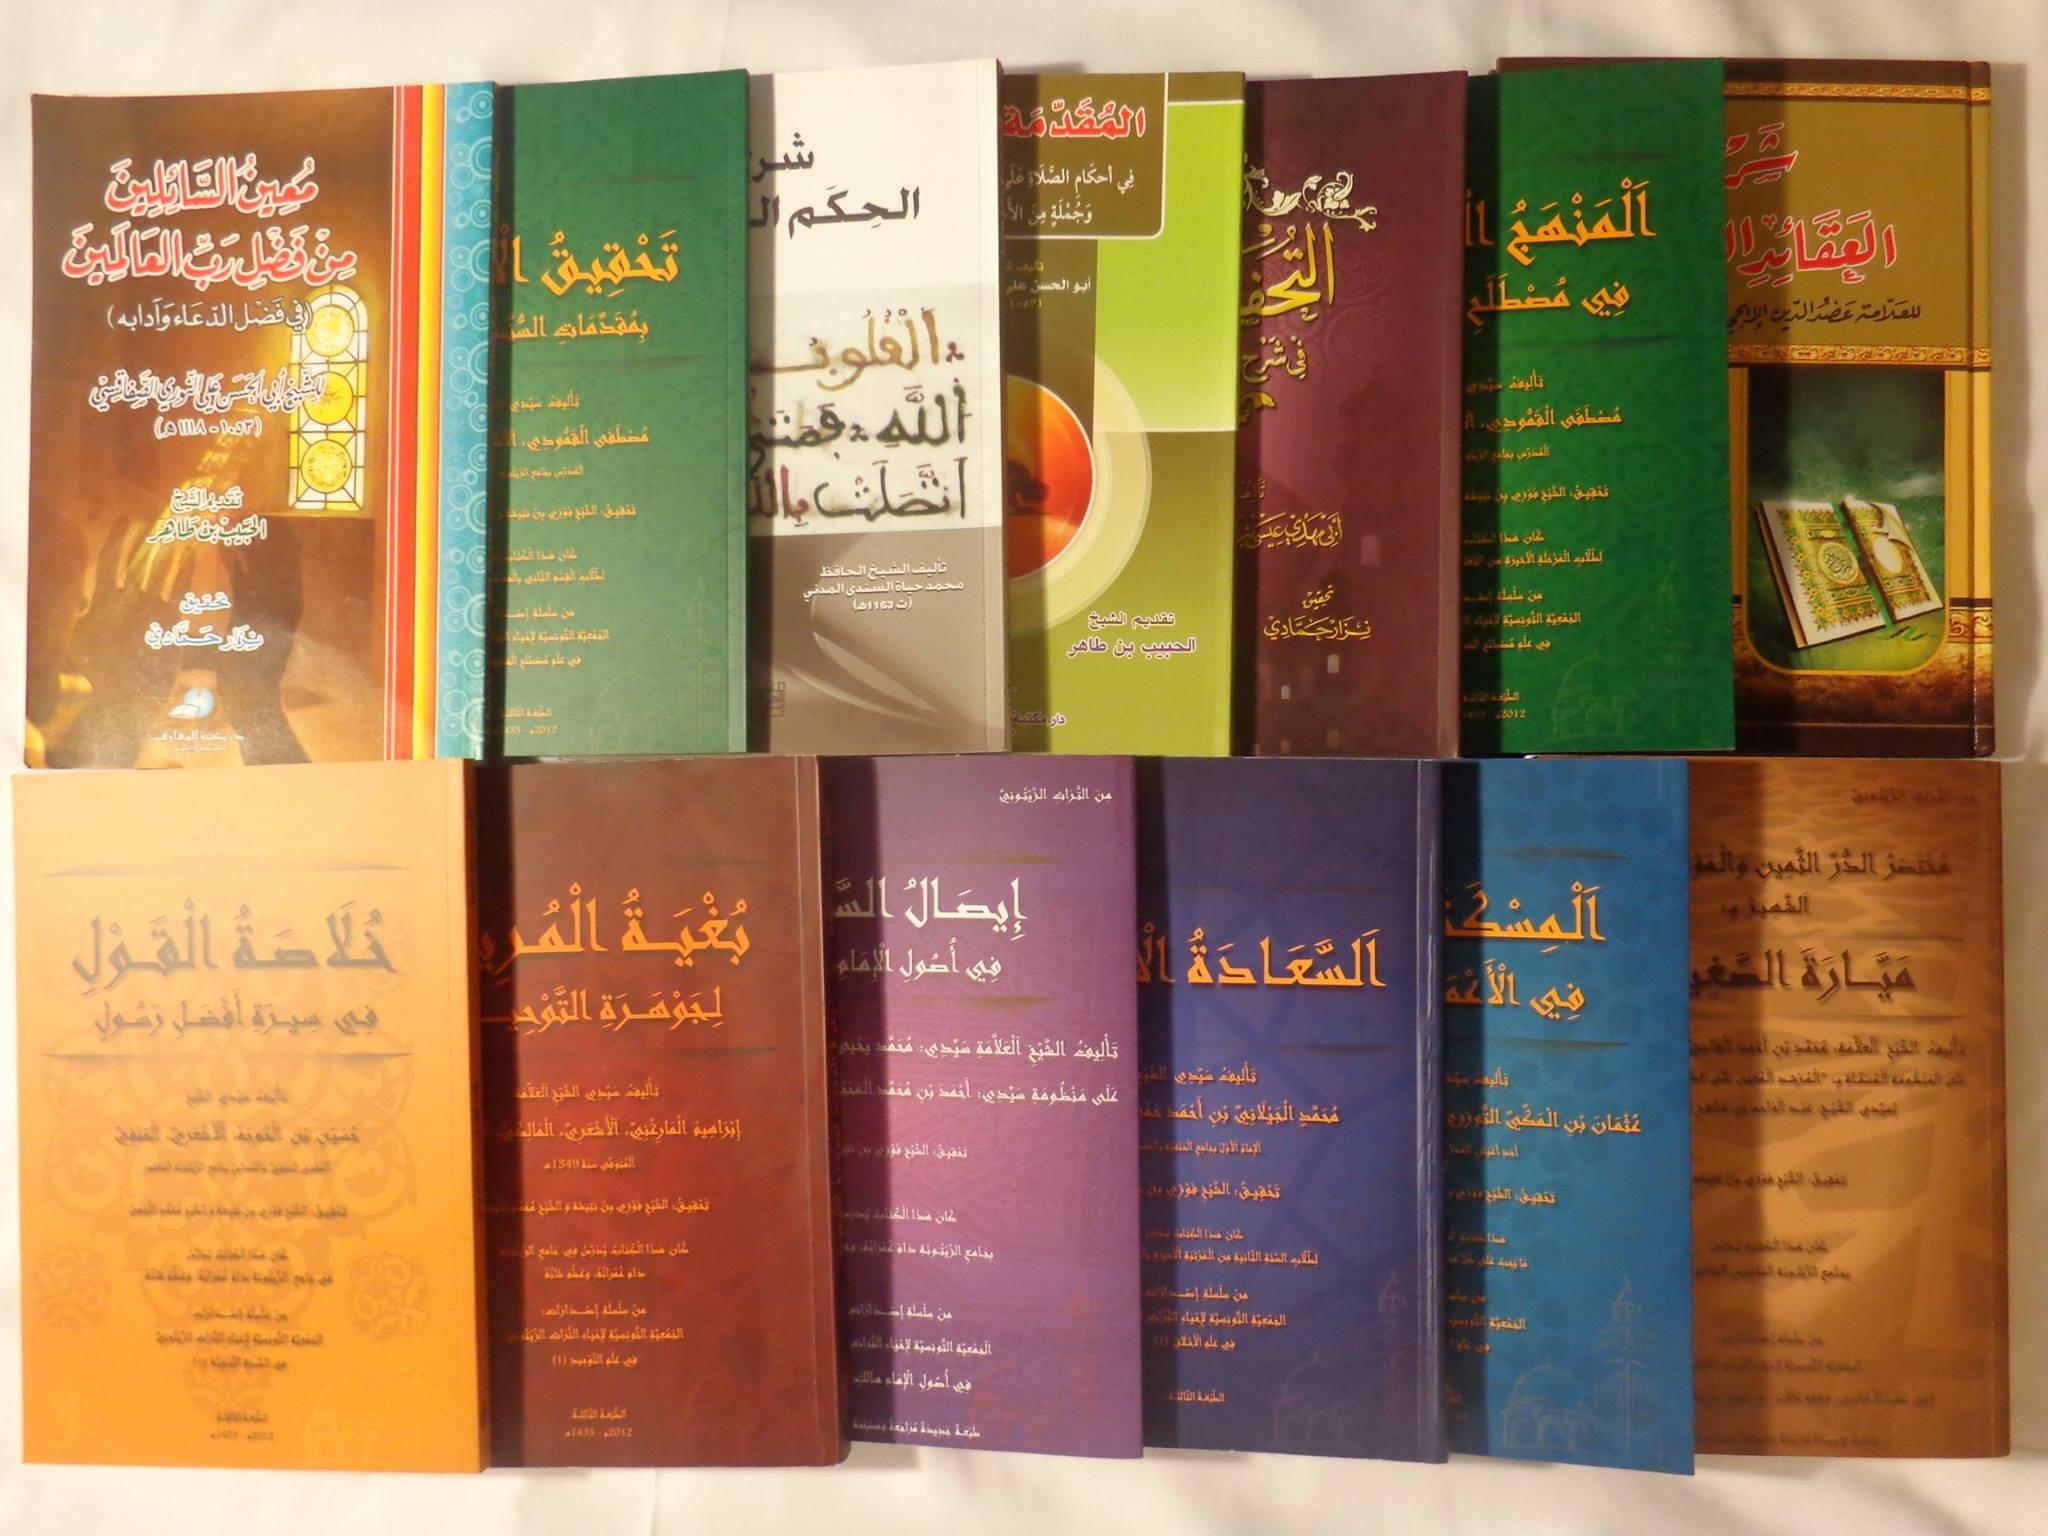 Livres en arabe vocalisés, revus et corrigés par des savants de Zeitouna